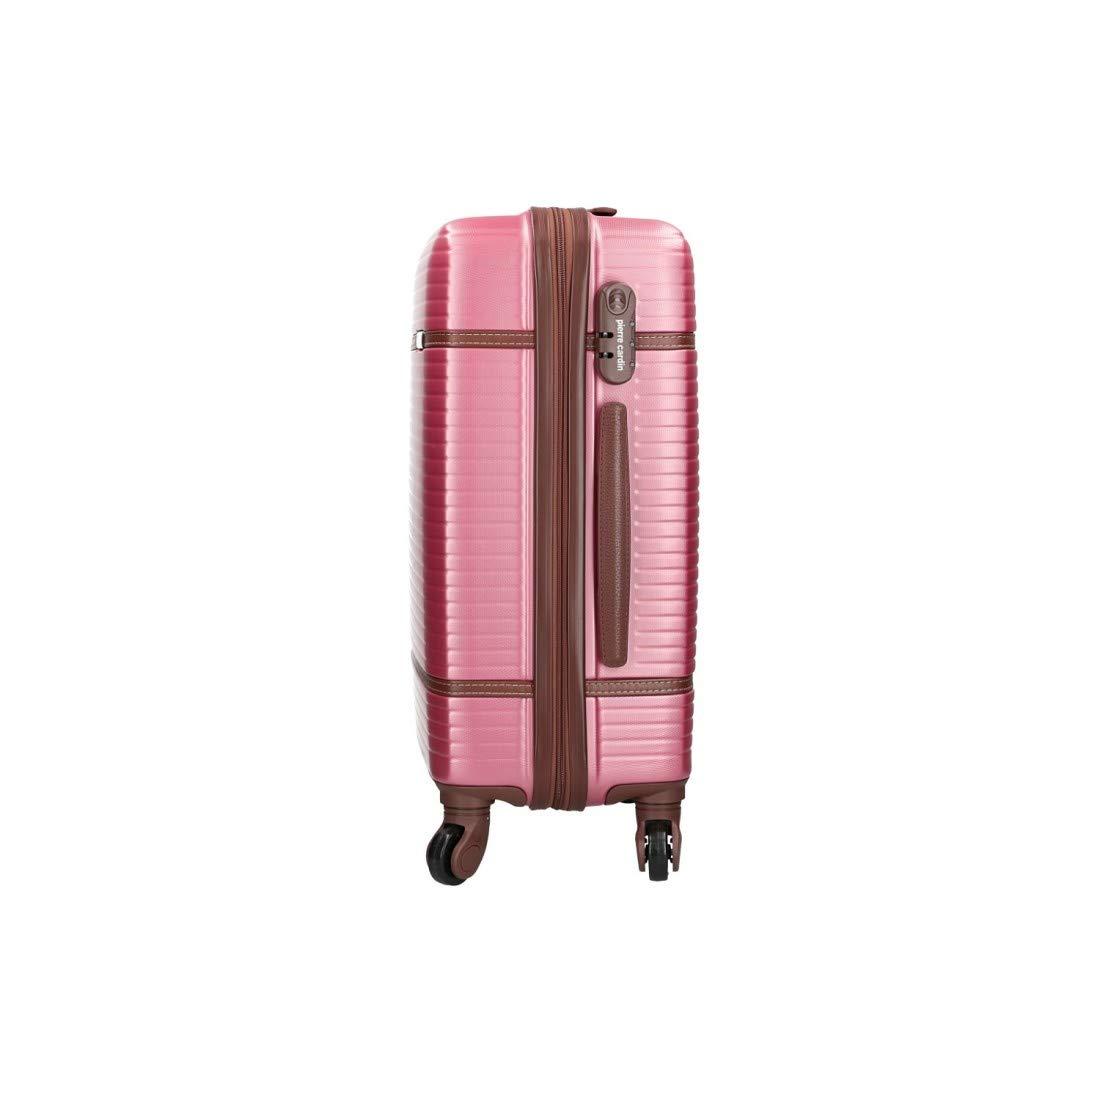 Kaufen neu kaufen absolut stilvoll I❶I 3-teiligen starre Kofferset Reise PIERRE CARDIN pink ...